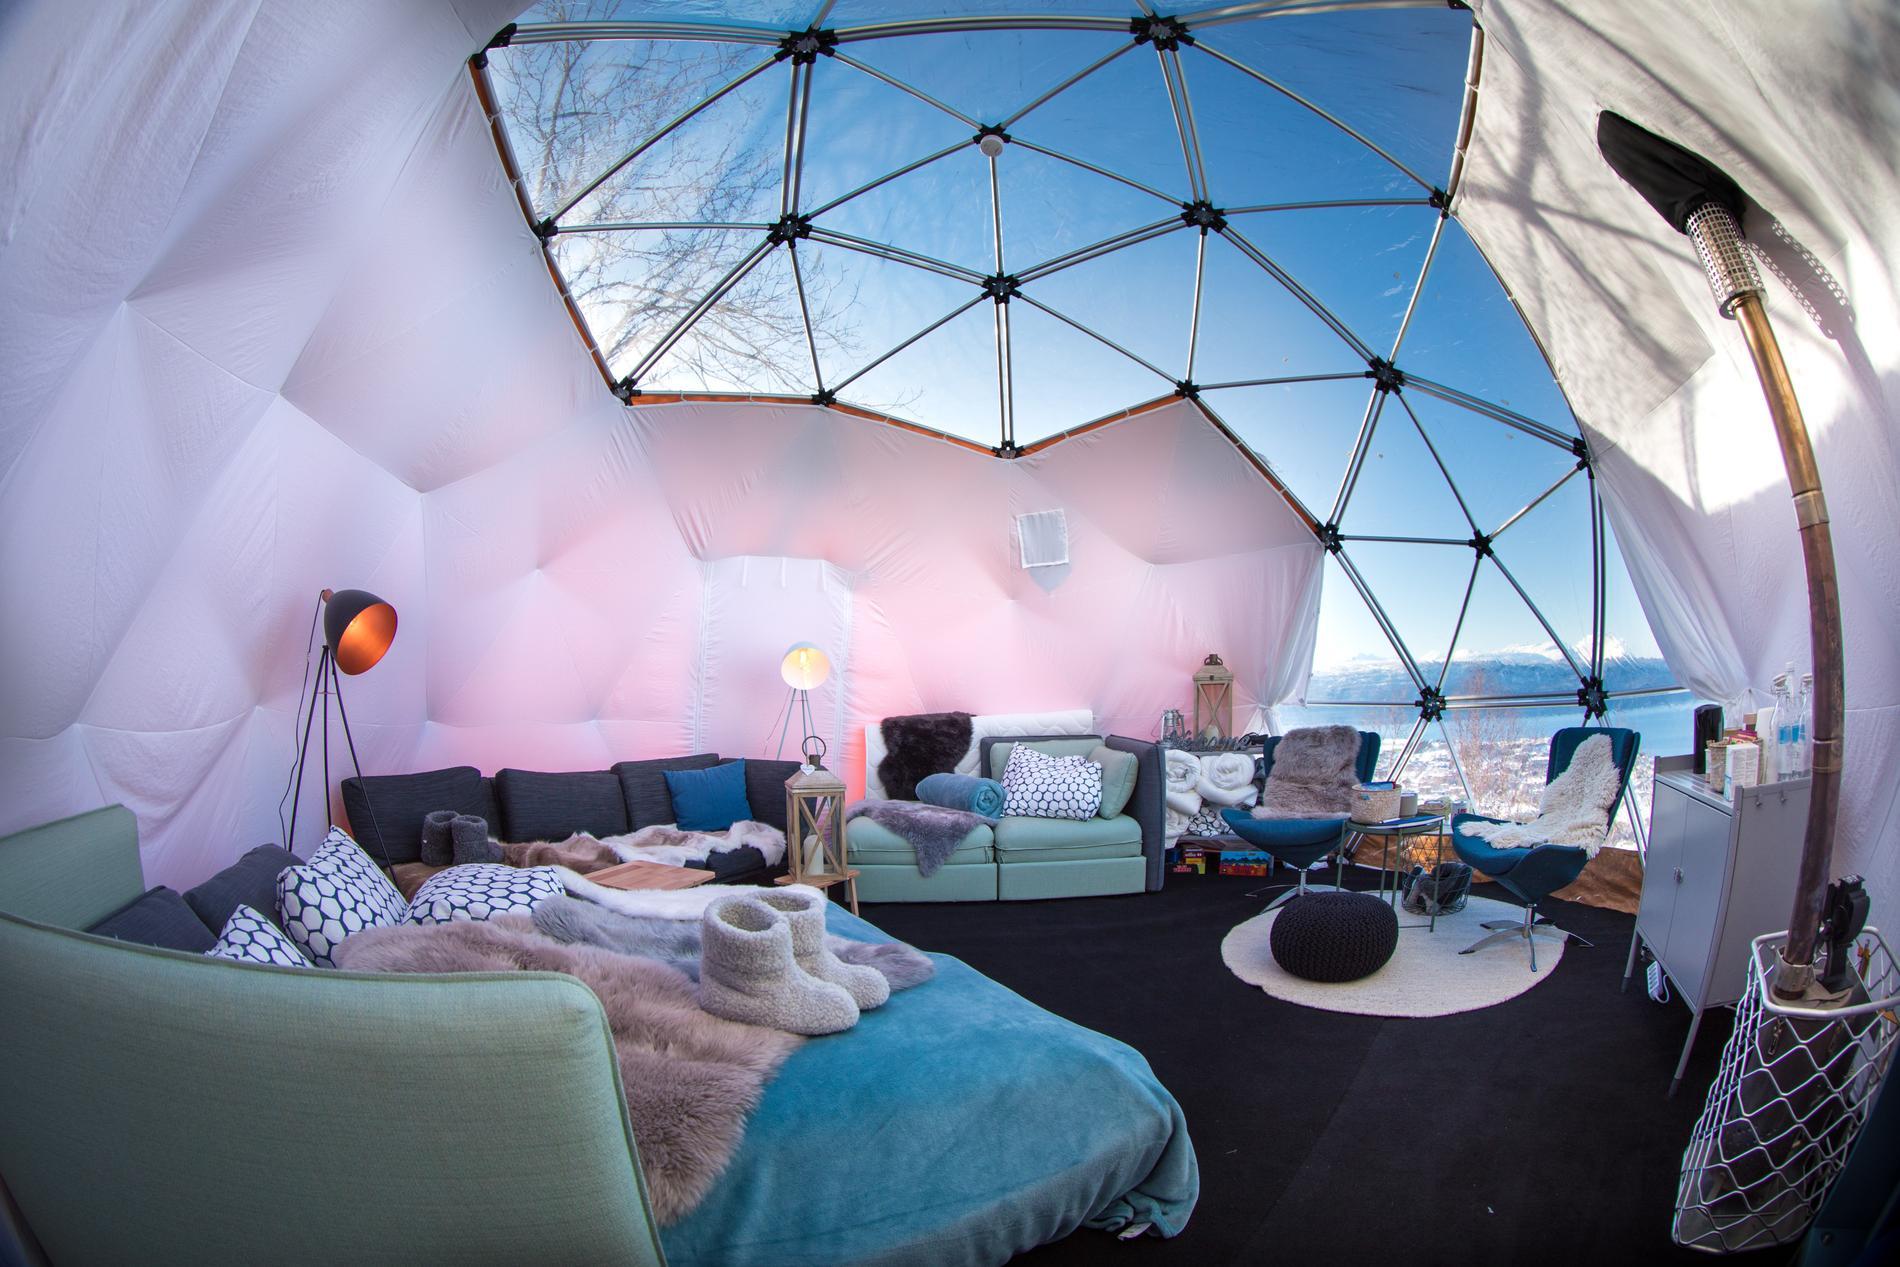 Arctic Dome i Narvik bjuder på lyx och natur.